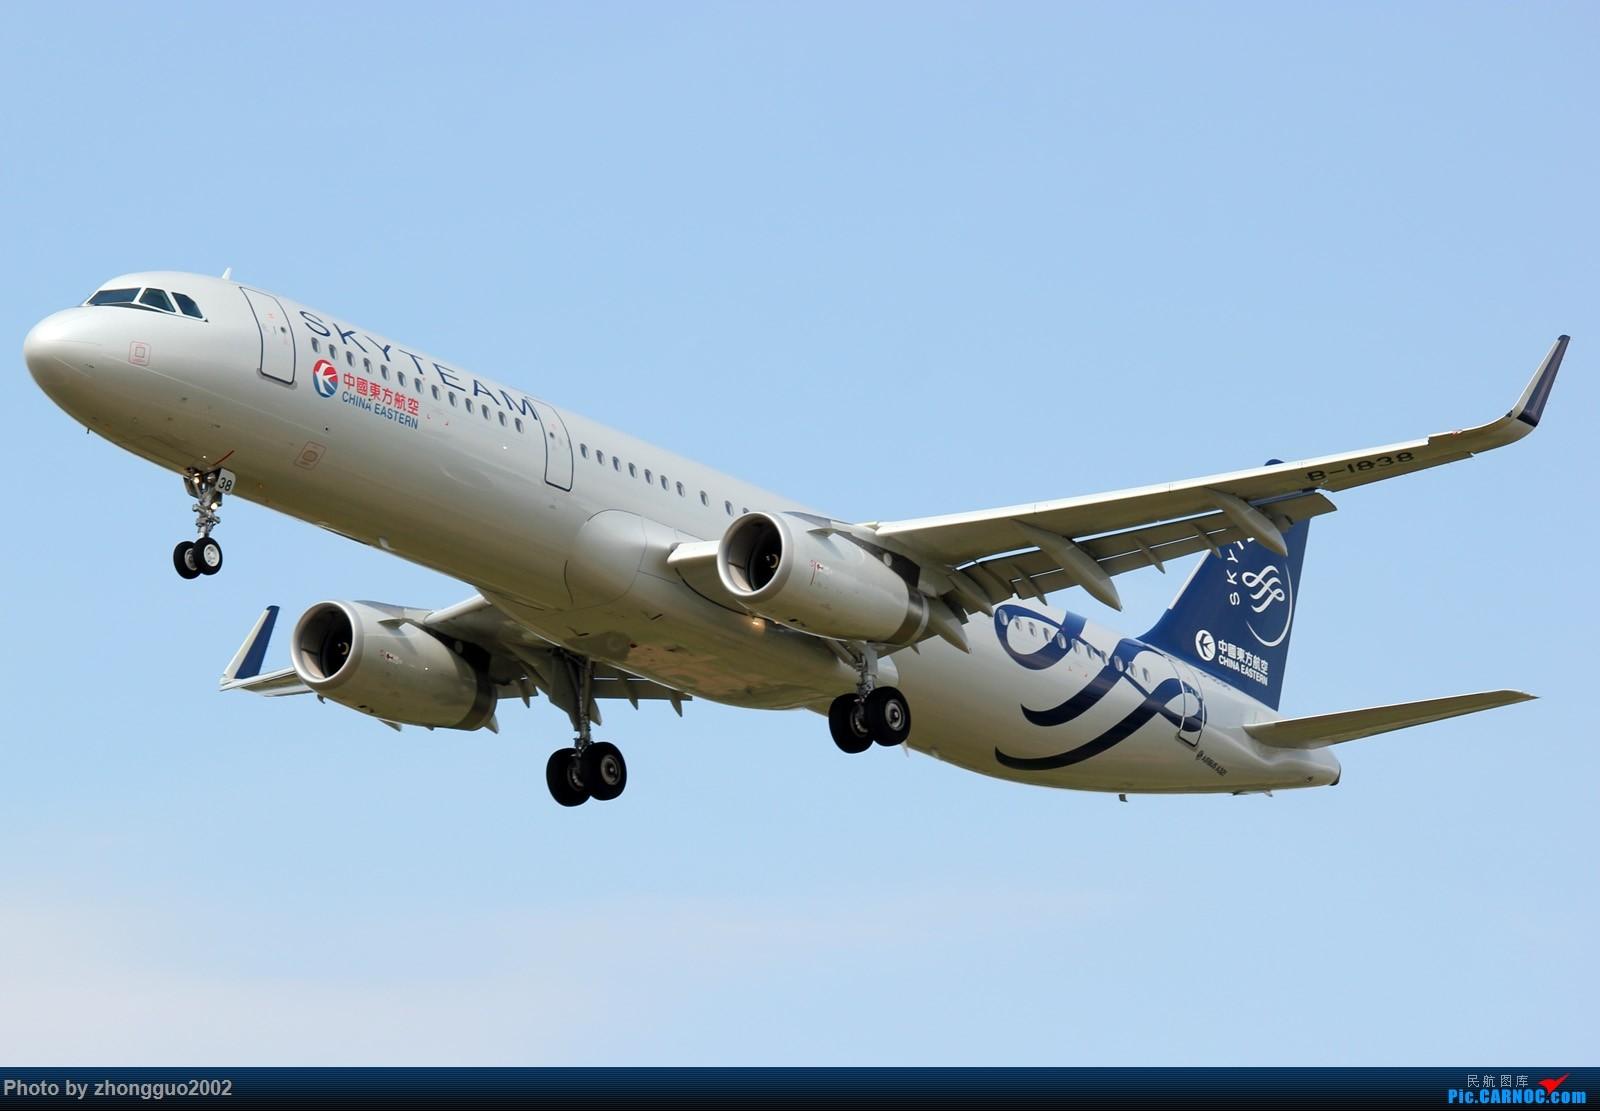 Re:[原创]【BLDDQ--深圳打机队】发小飞机盖楼贴,凡跟帖1字开头大陆民航飞机图的,每图五架小飞机不重复 AIRBUS A321-200 B-1838 中国呼和浩特白塔国际机场